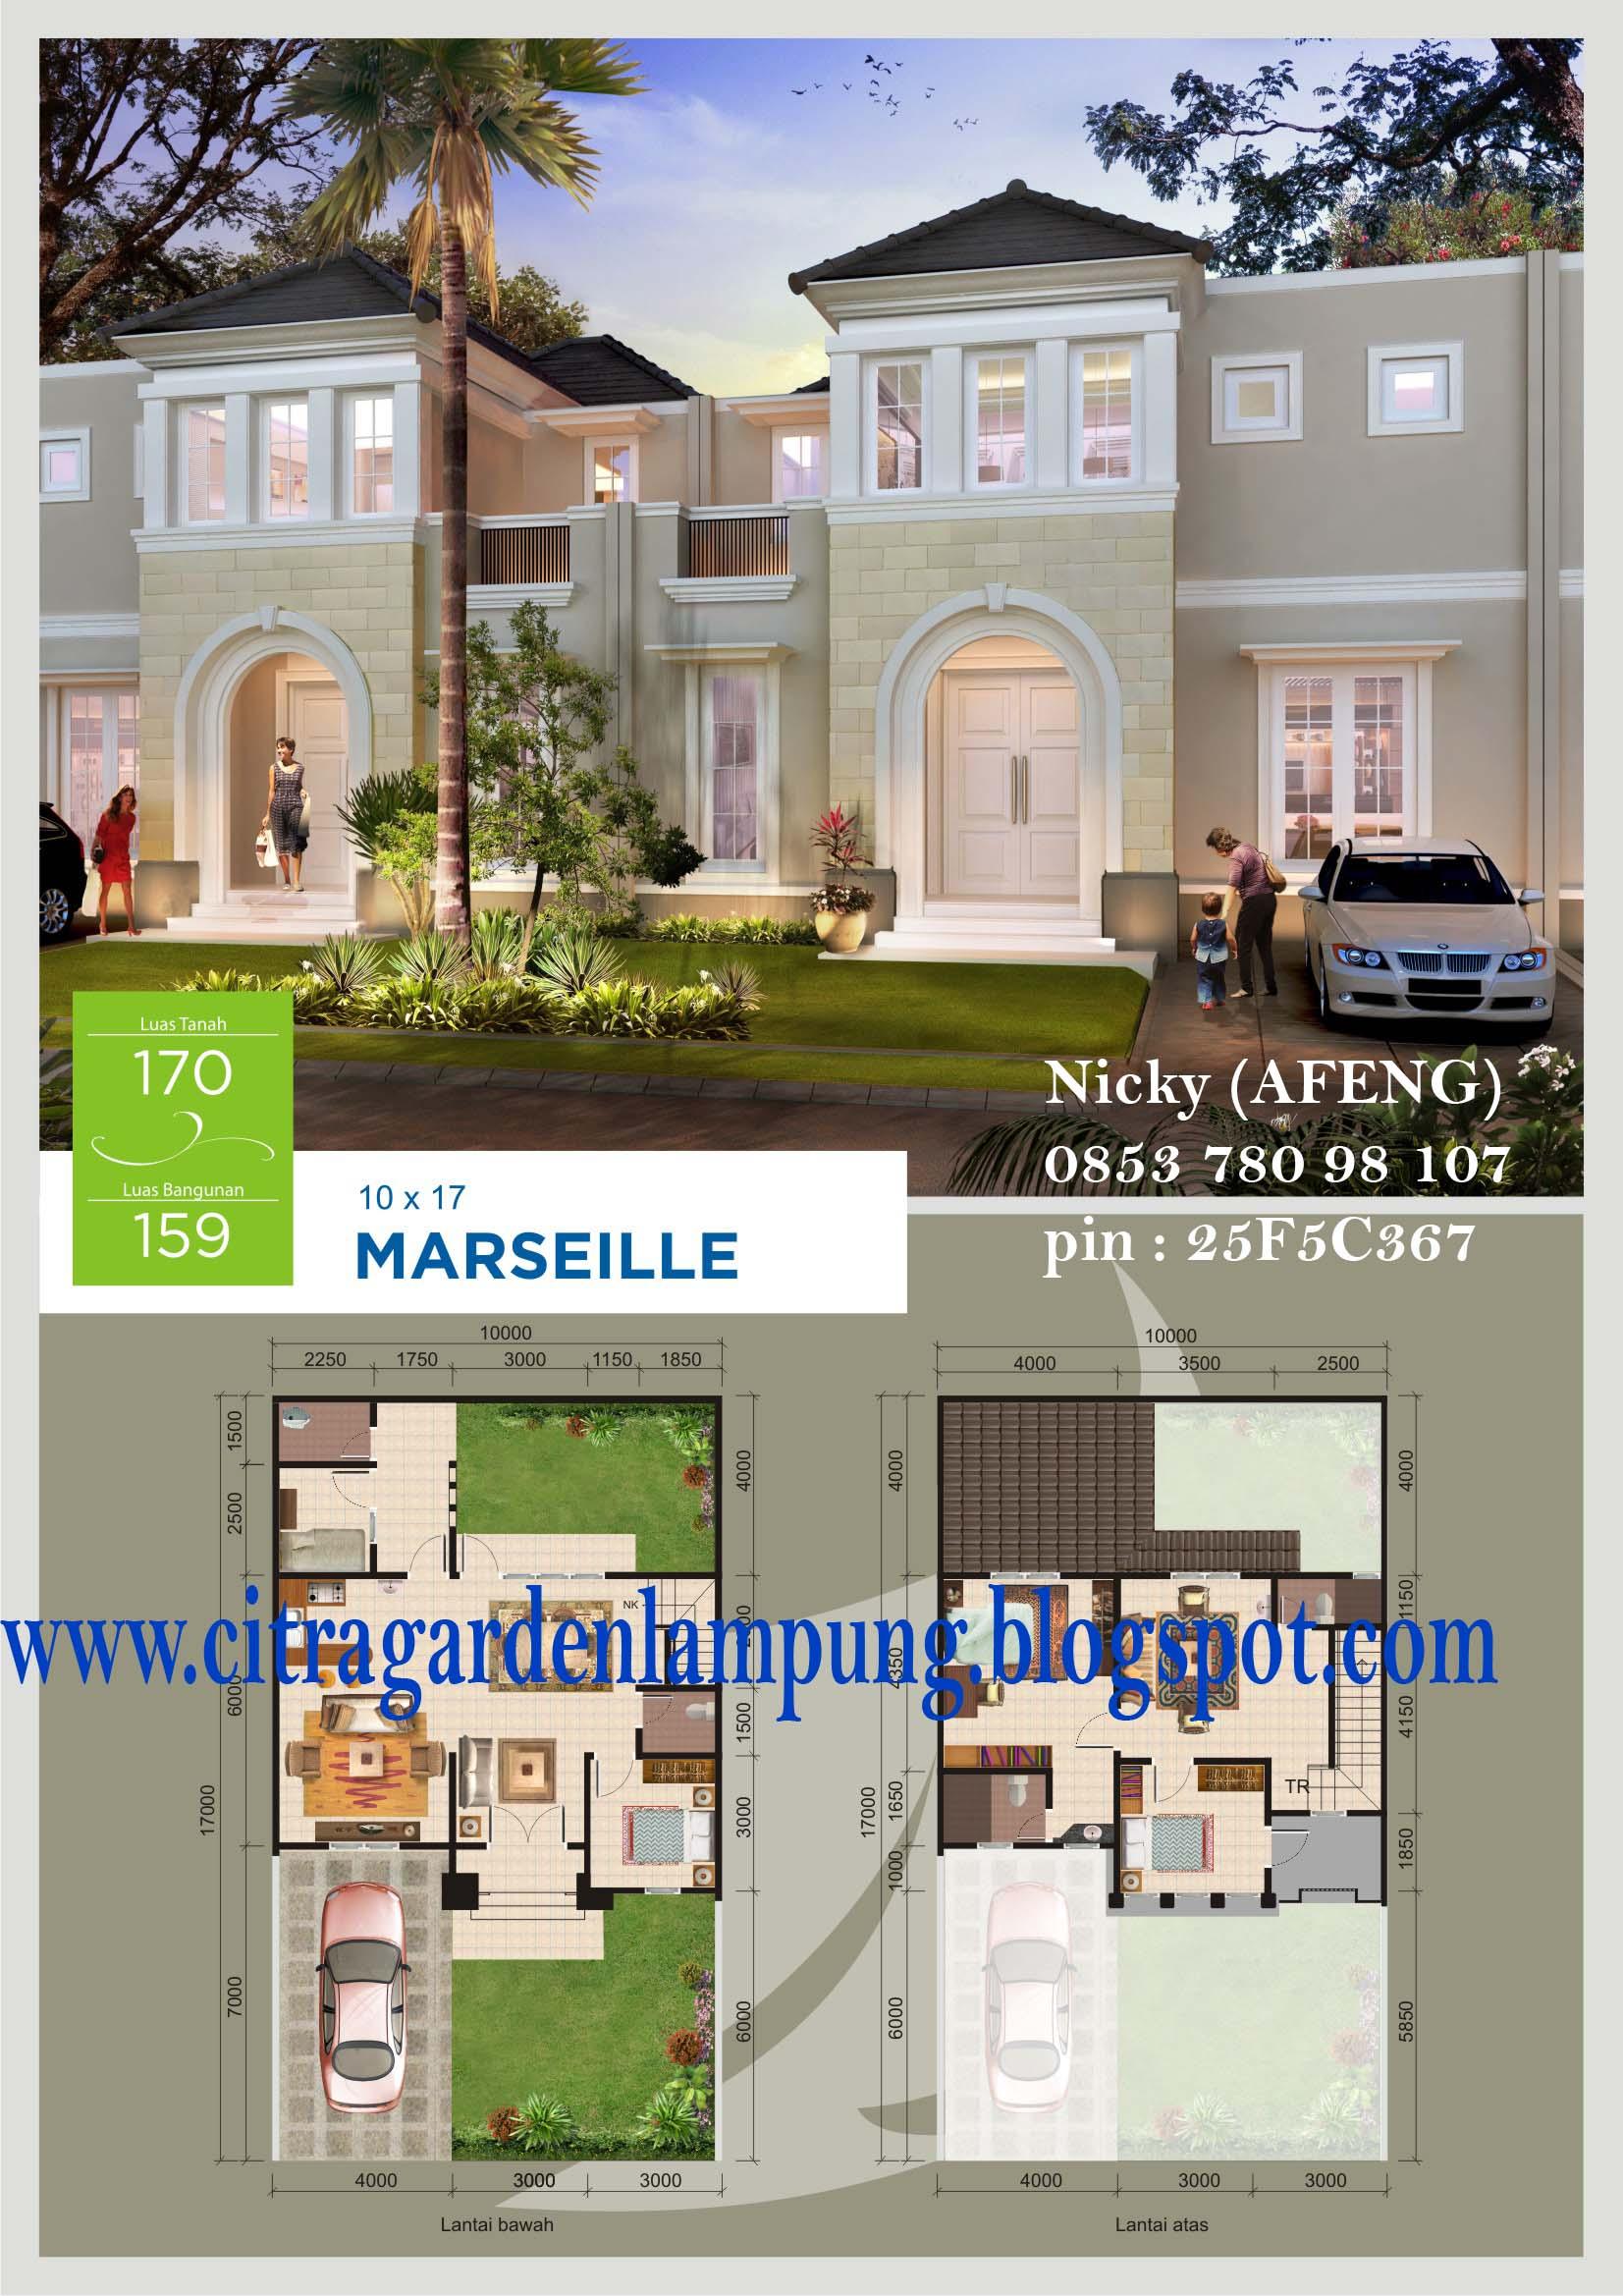 Rumah Dijual Citra Garden Lampung Siap Huni Akhir 2012 Taman